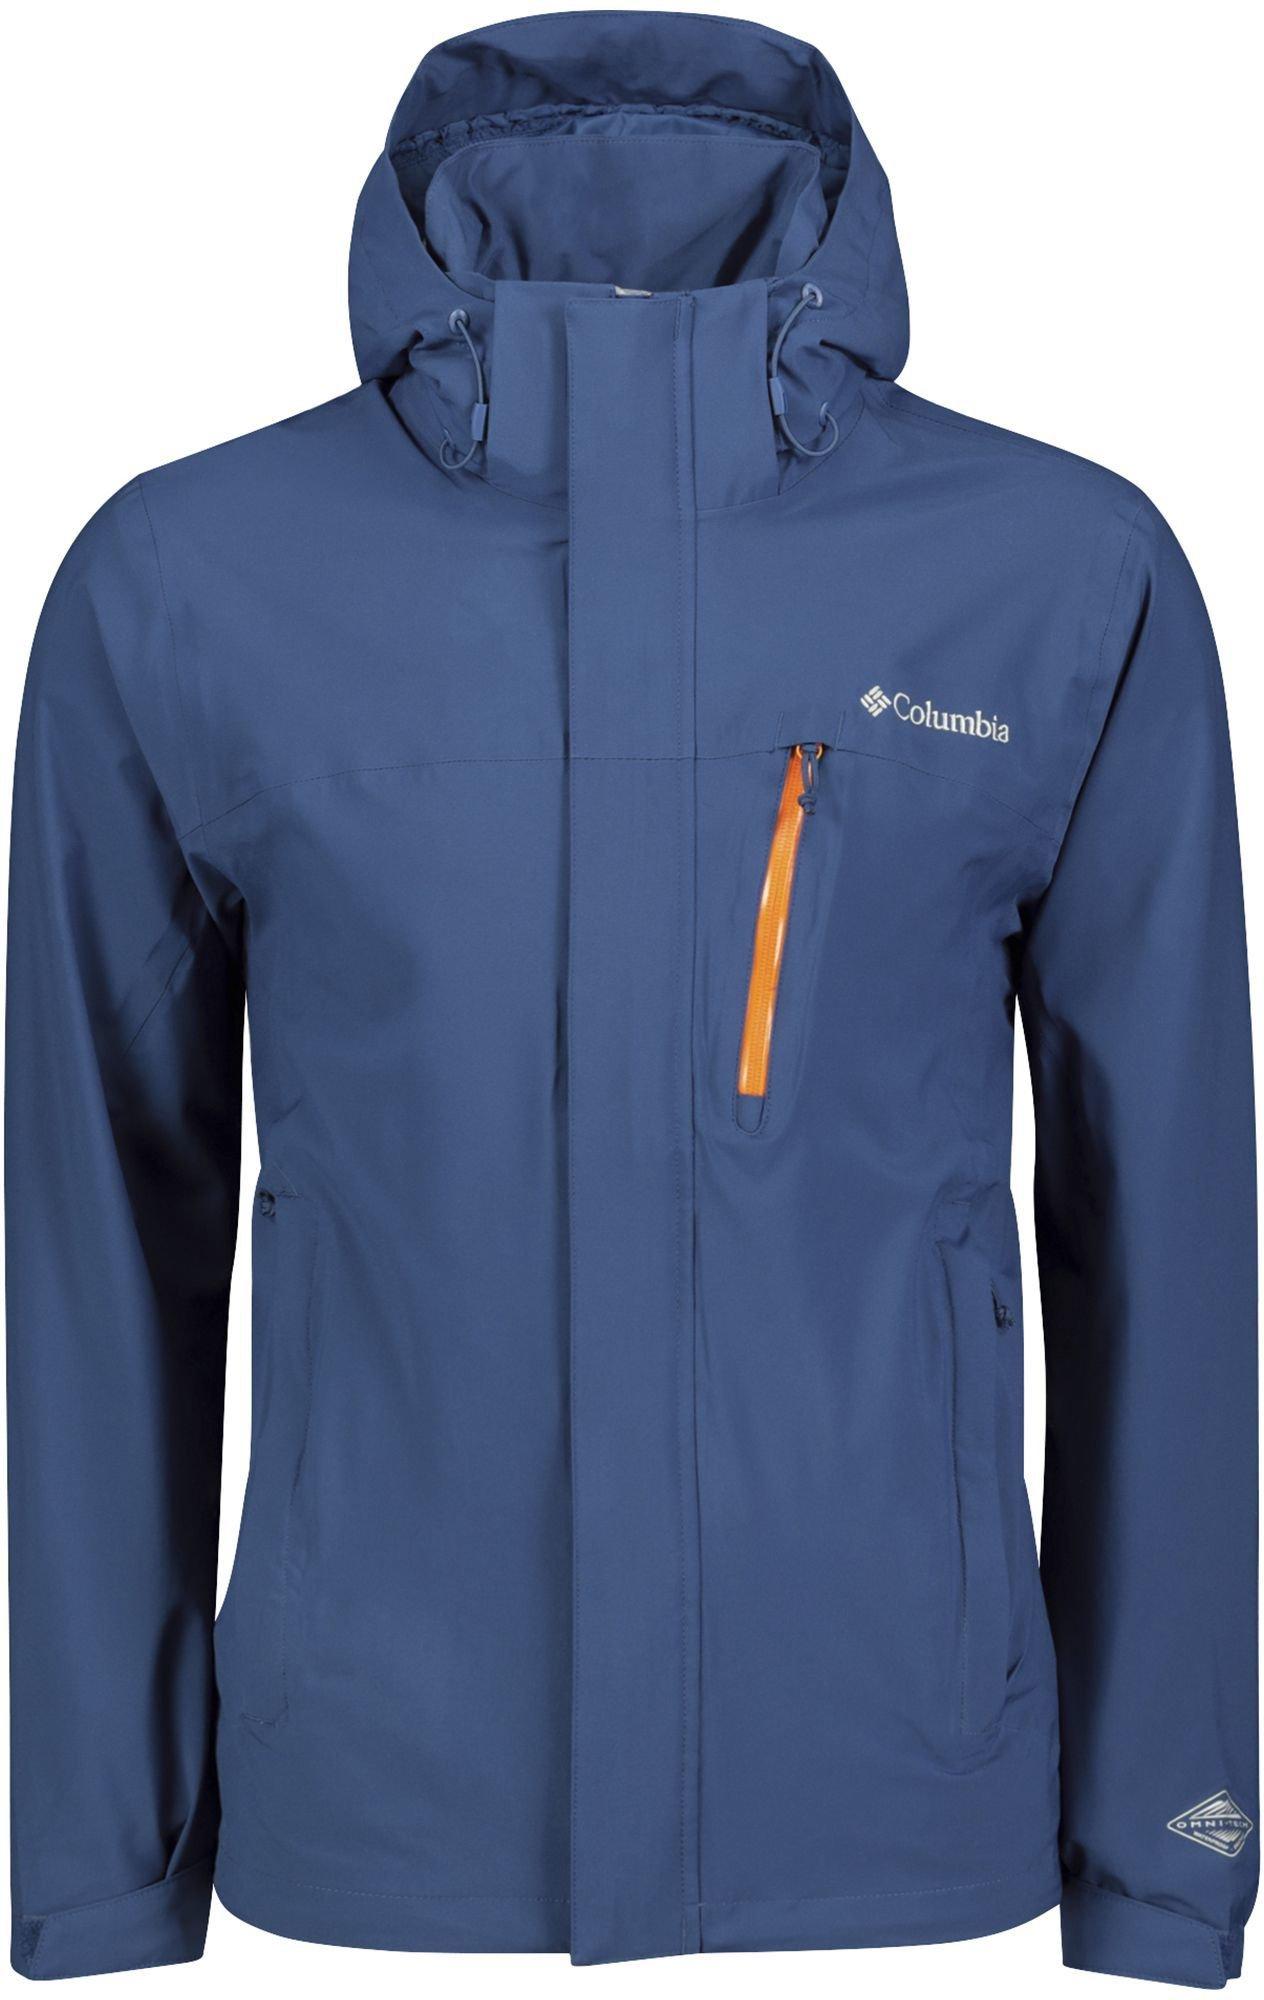 Best pris på Columbia Whidbey Island Jacket (Herre) Jakker